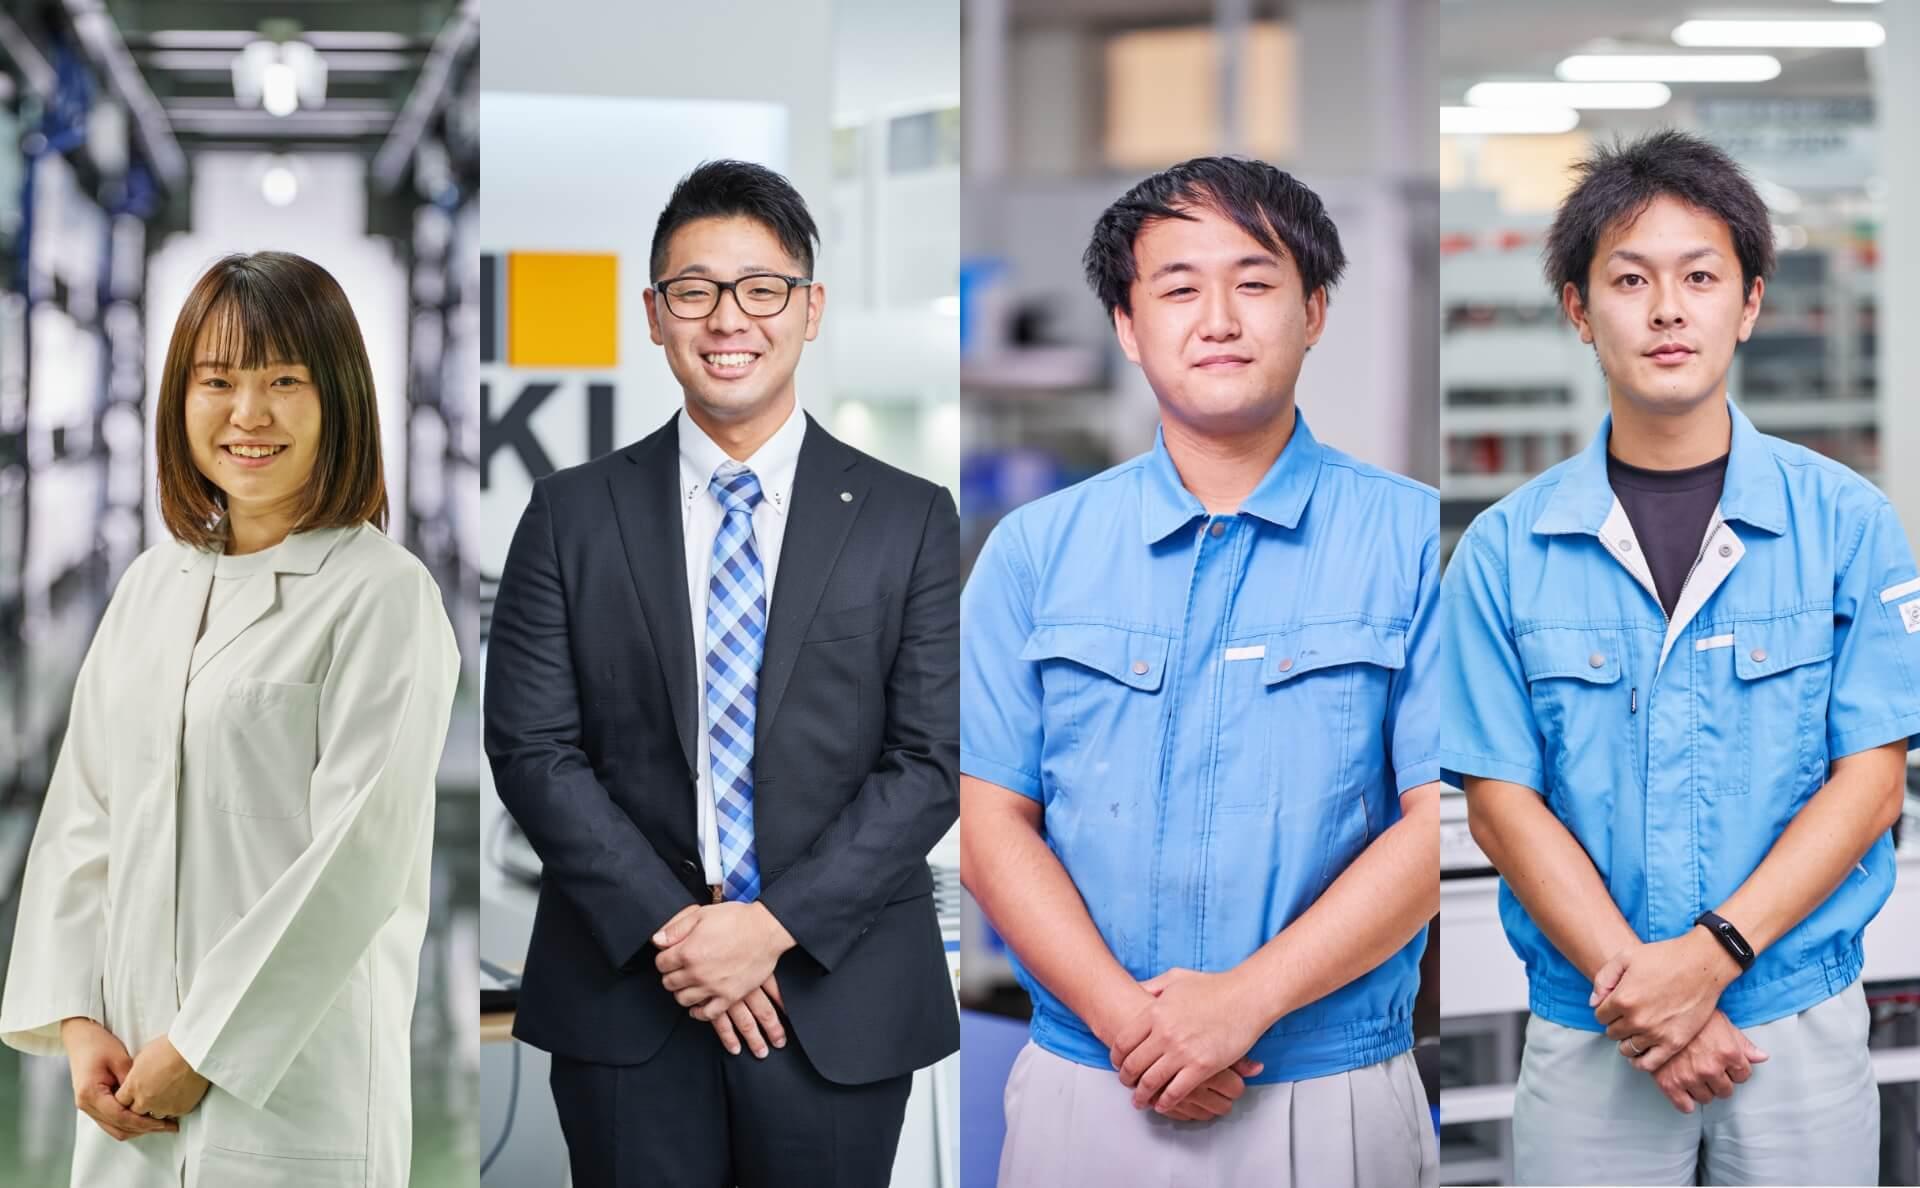 伊東電機株式会社 リクルートサイト 仕事内容の紹介